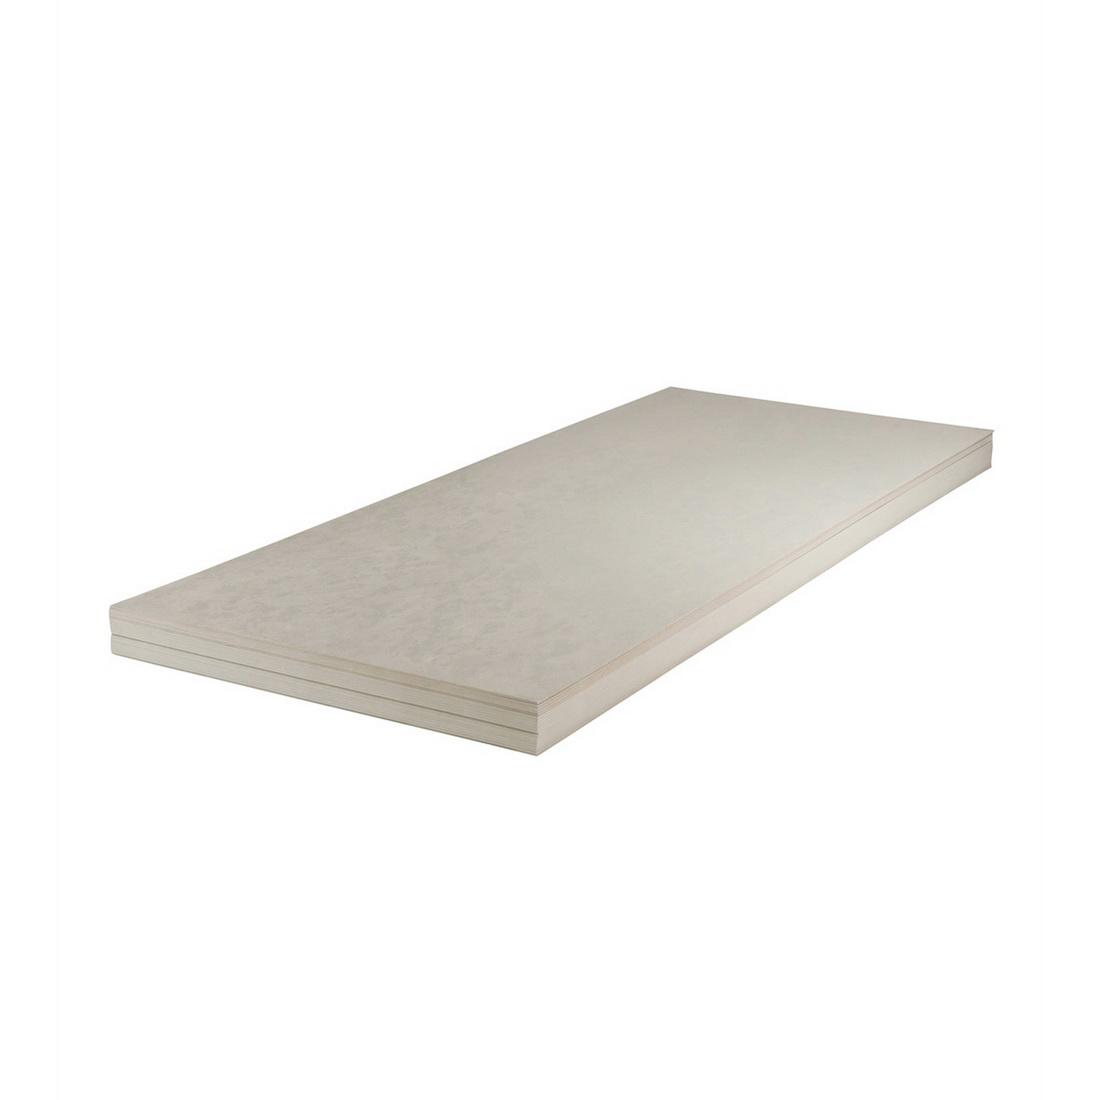 Villaboard Lining 3000 x 1200 x 9mm Square Edge 4 Sides